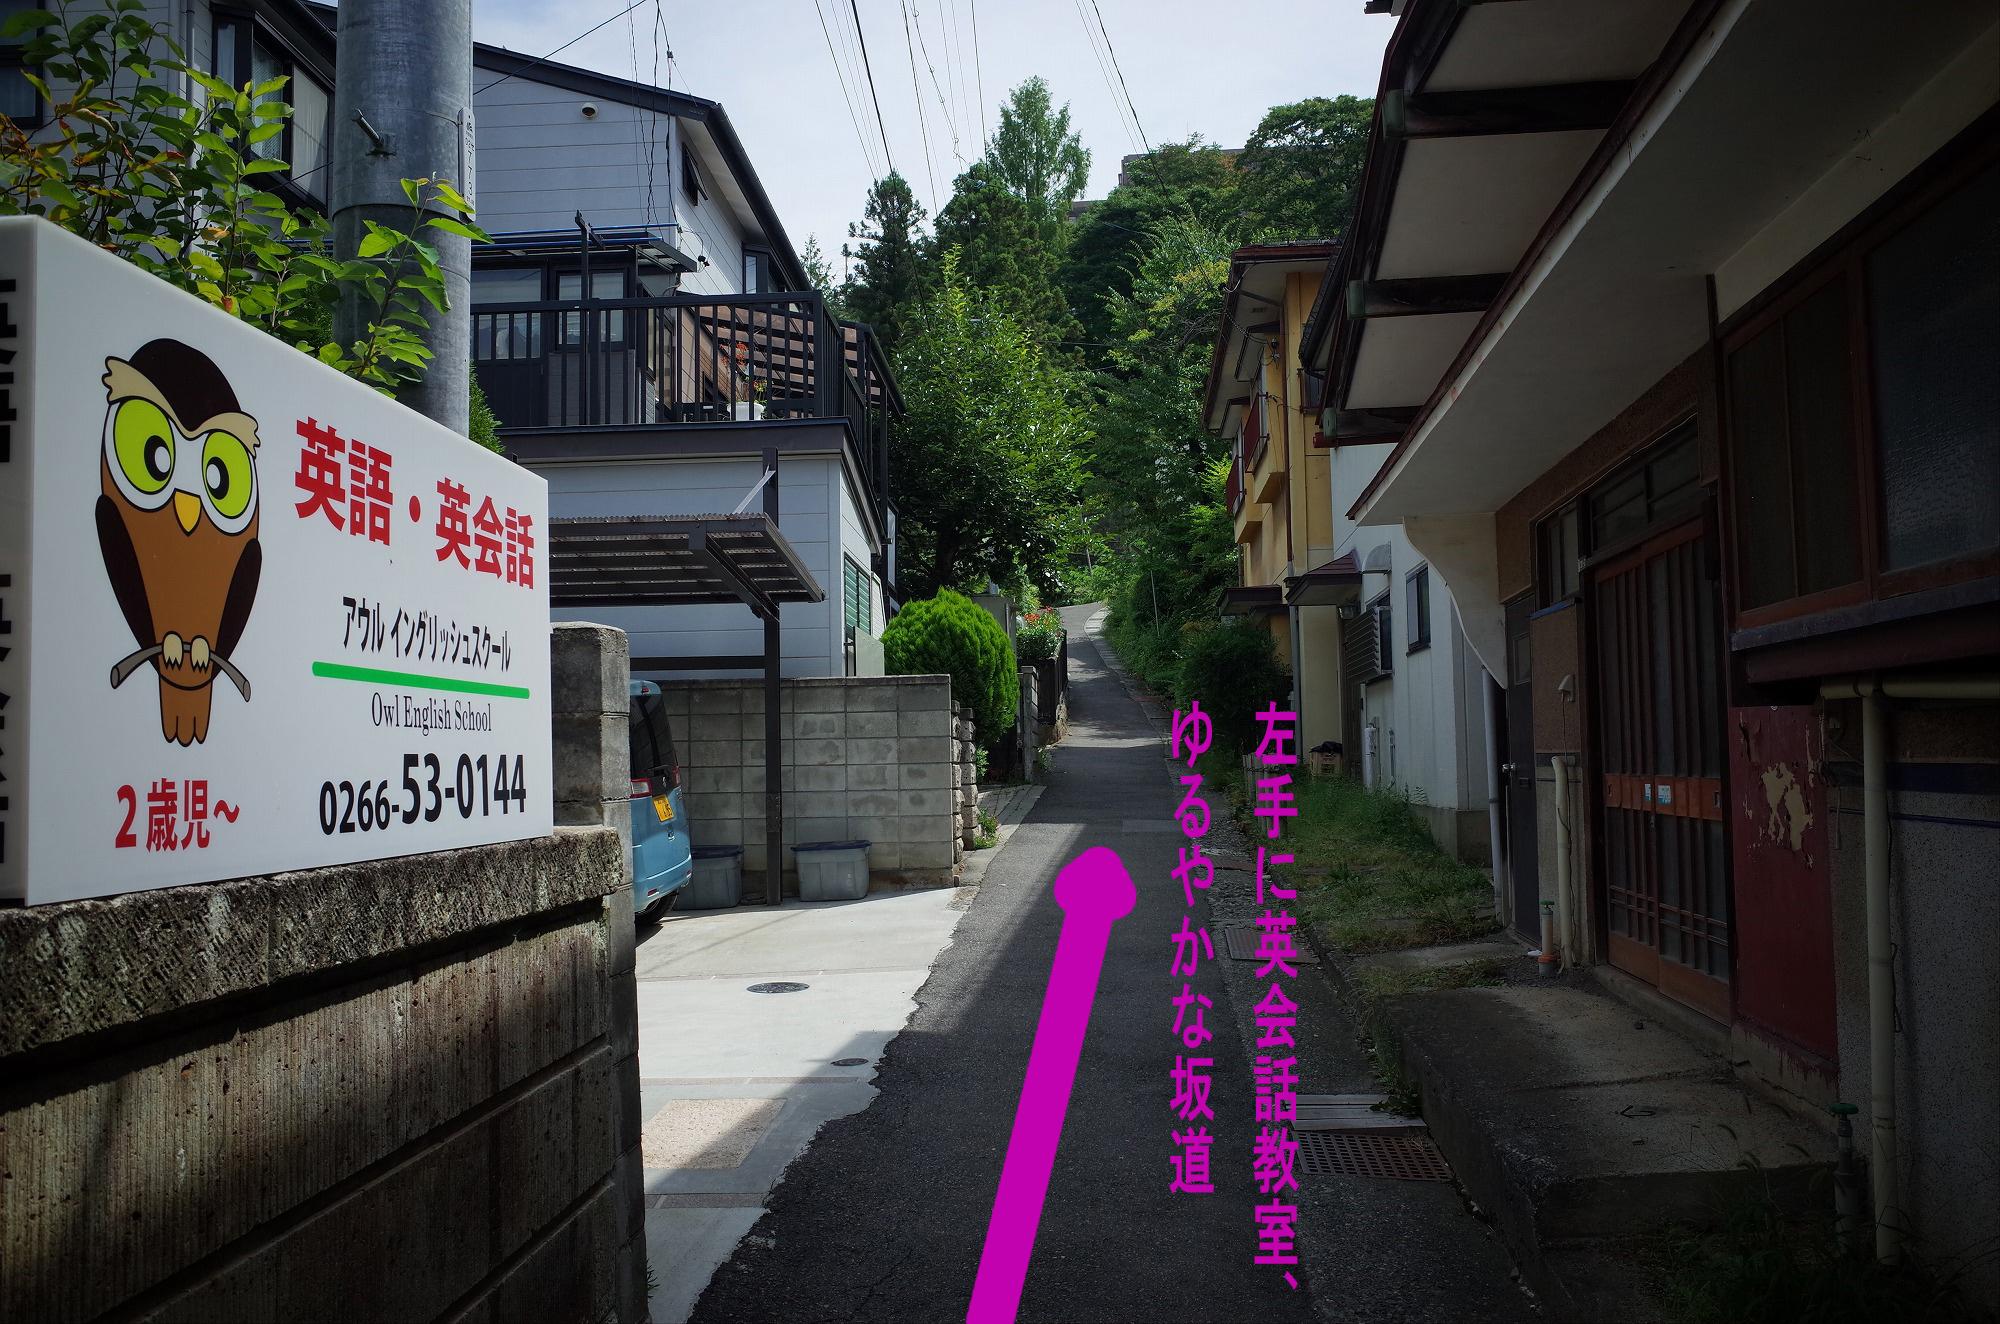 左手に英会話教室 ゆるやかな坂道